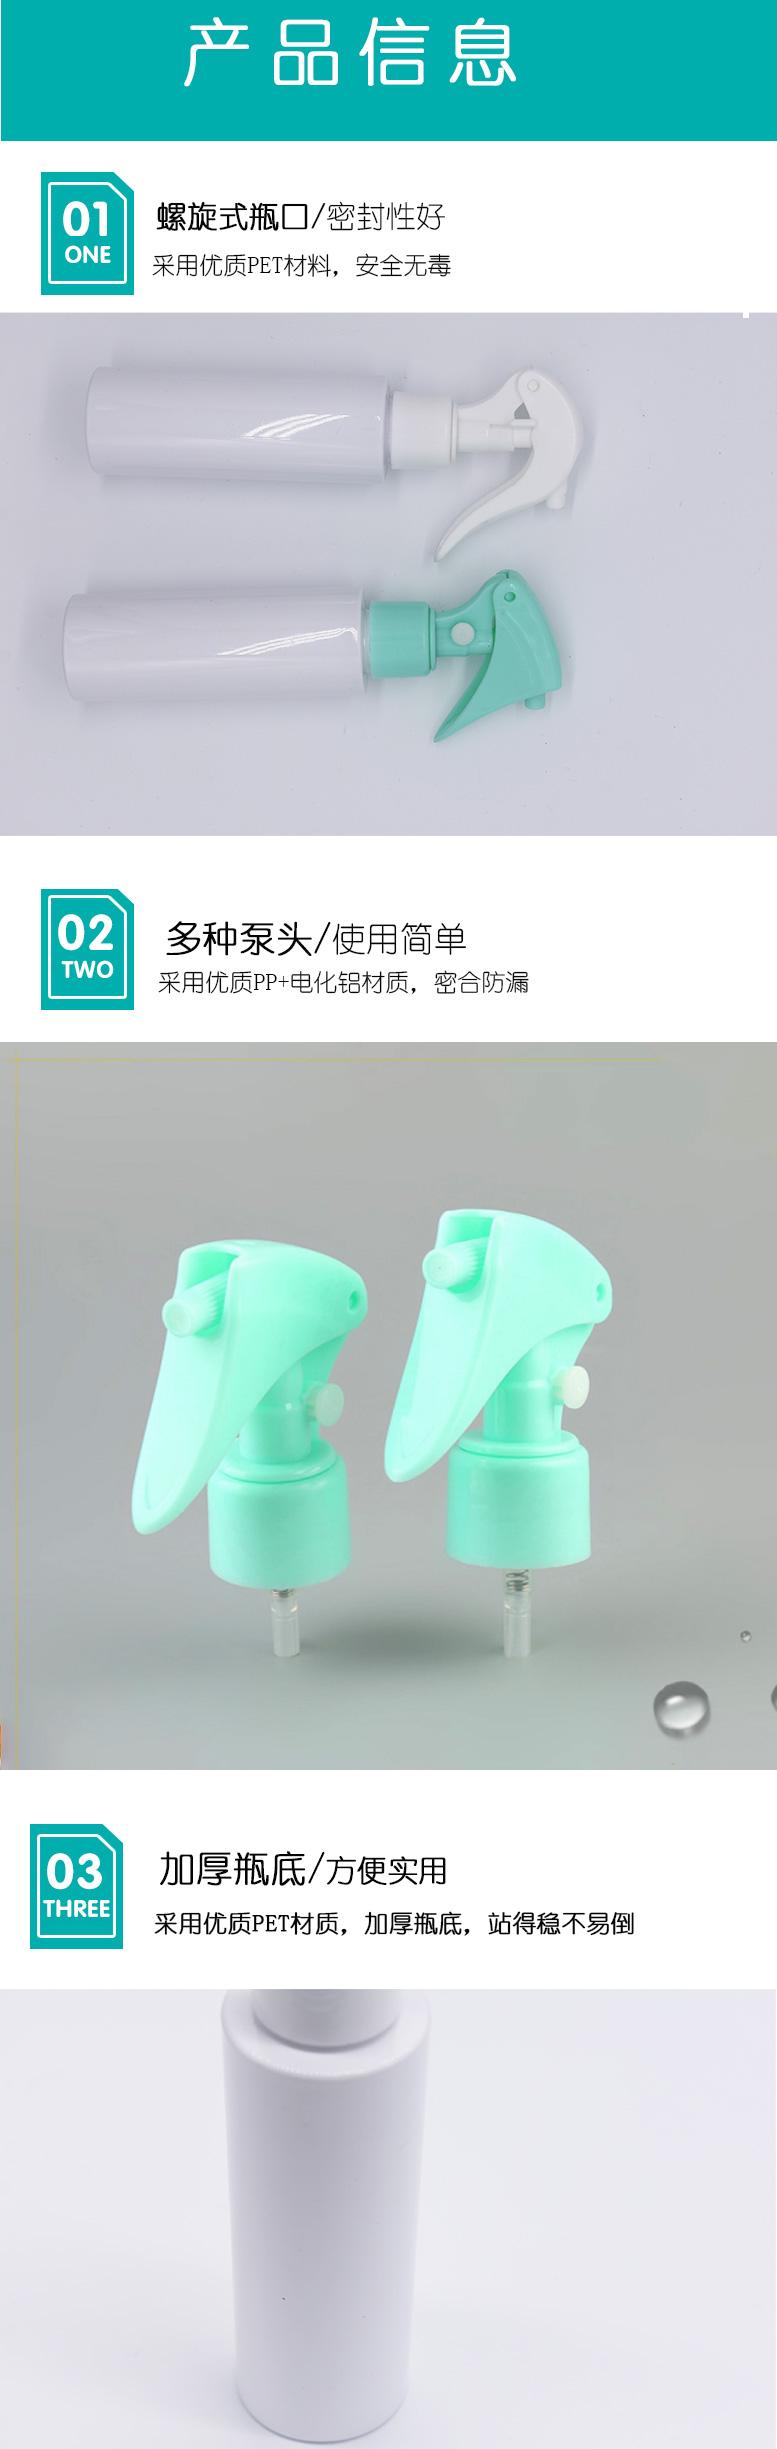 小老鼠中文_03.jpg